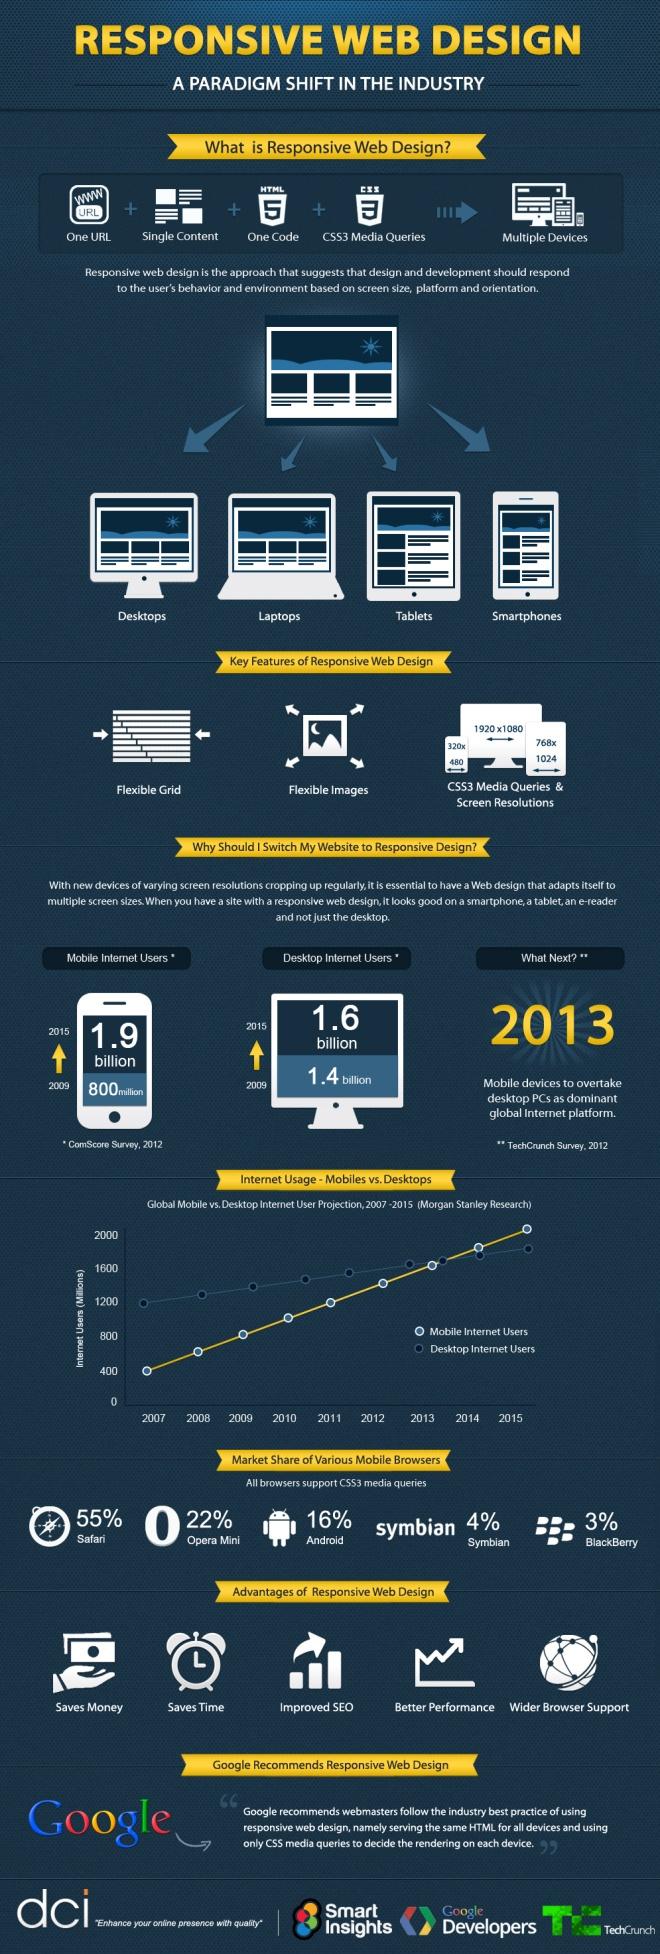 """De modo simples e direto, o infográfico busca explicar """"O que é Responsive Web Design"""""""